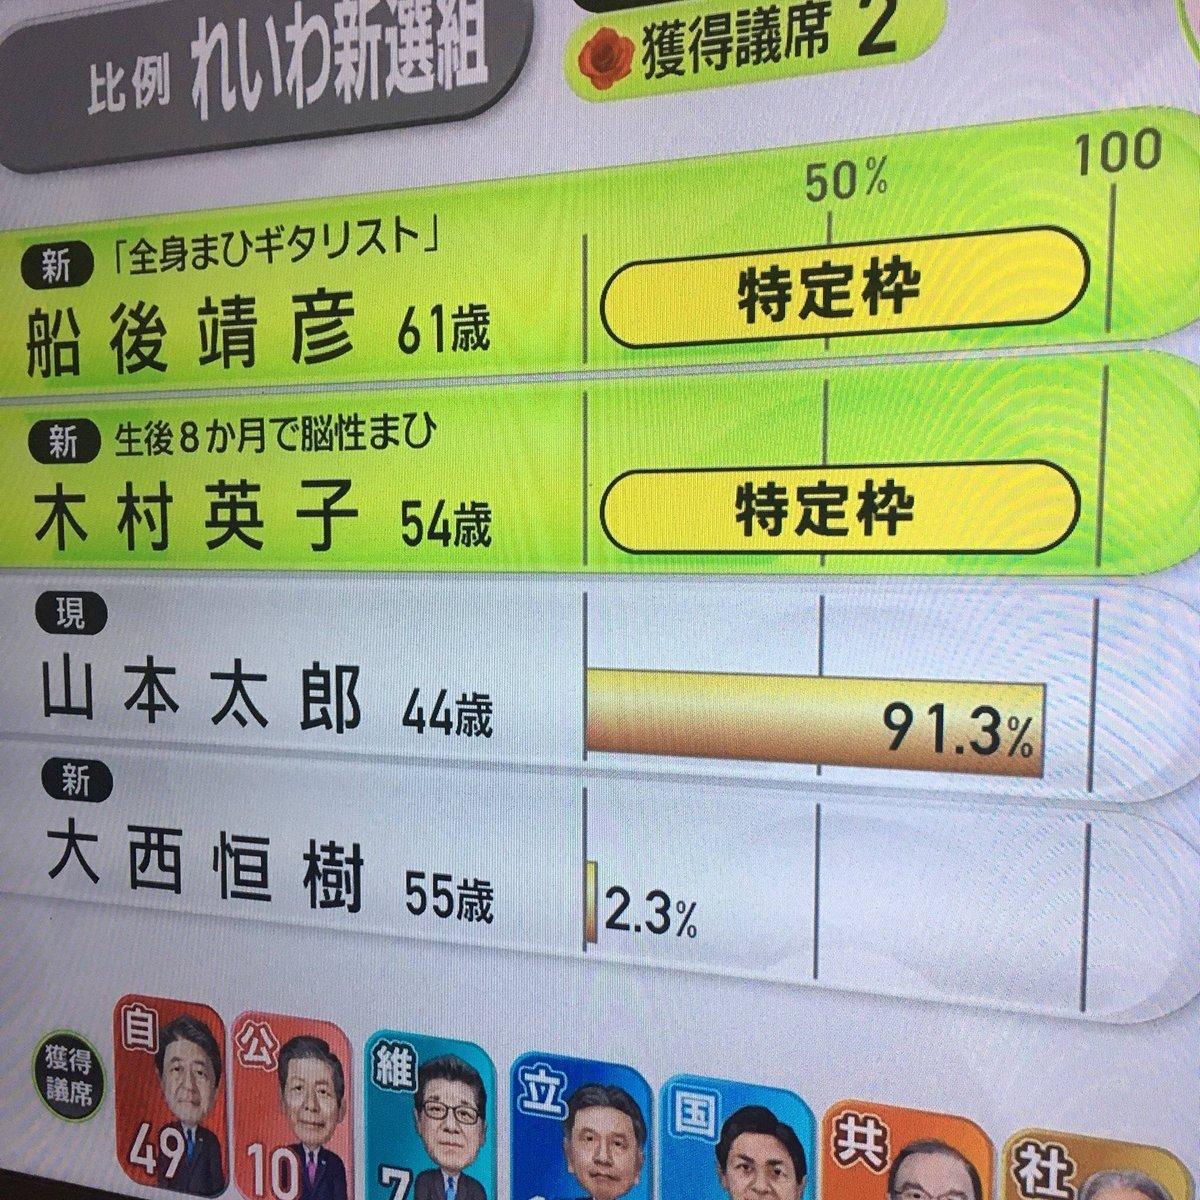 【衝撃】山本太郎、比例で史上最多得票しながら落選